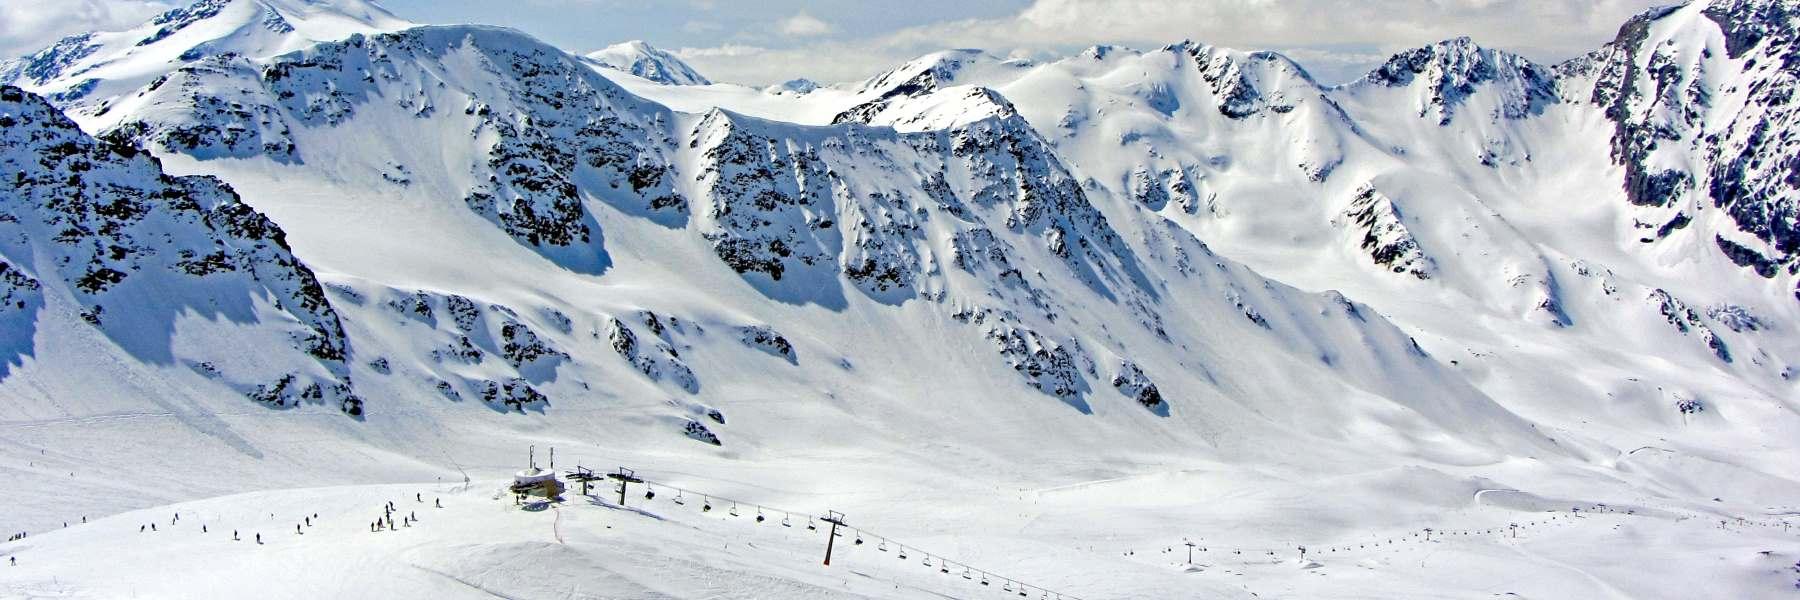 landing-nieve